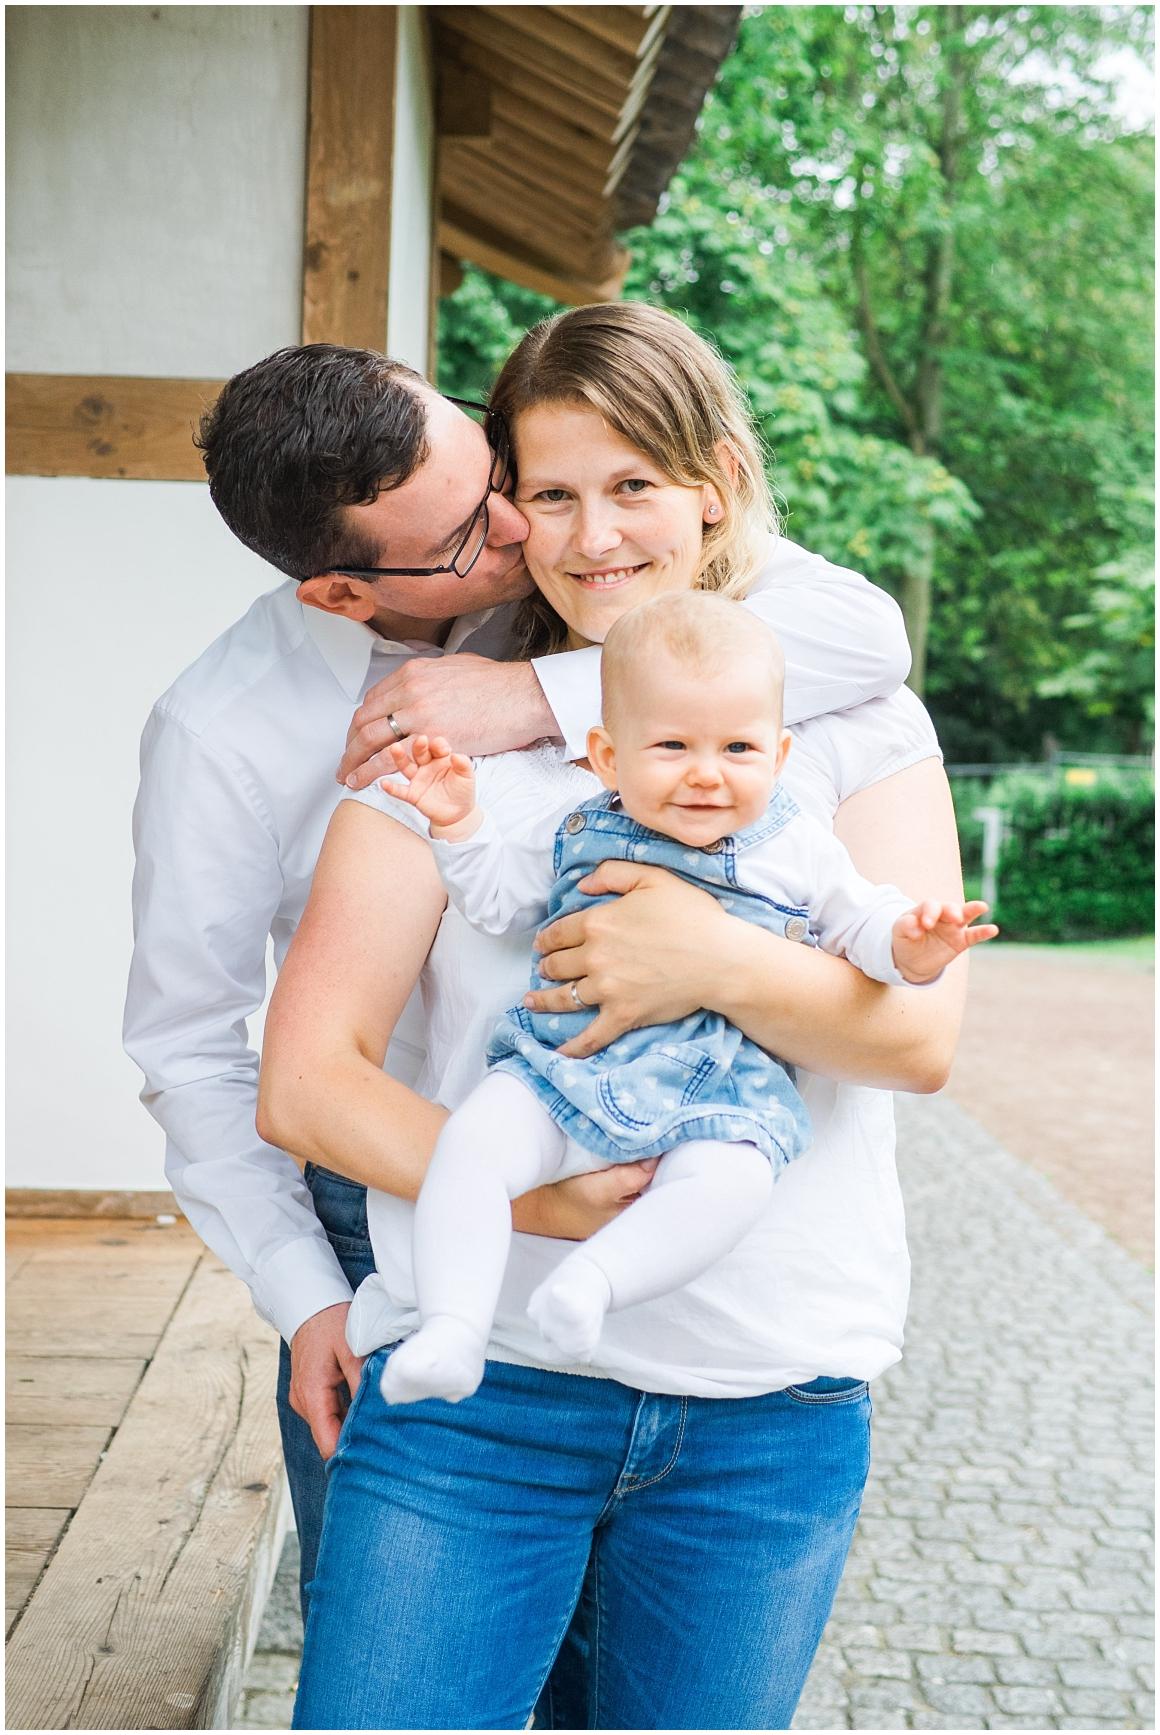 portraitfotos-familie-familienfotograf-familienfotos-familienbilder-münchen-by-katrin-kind-photography_0001.jpg